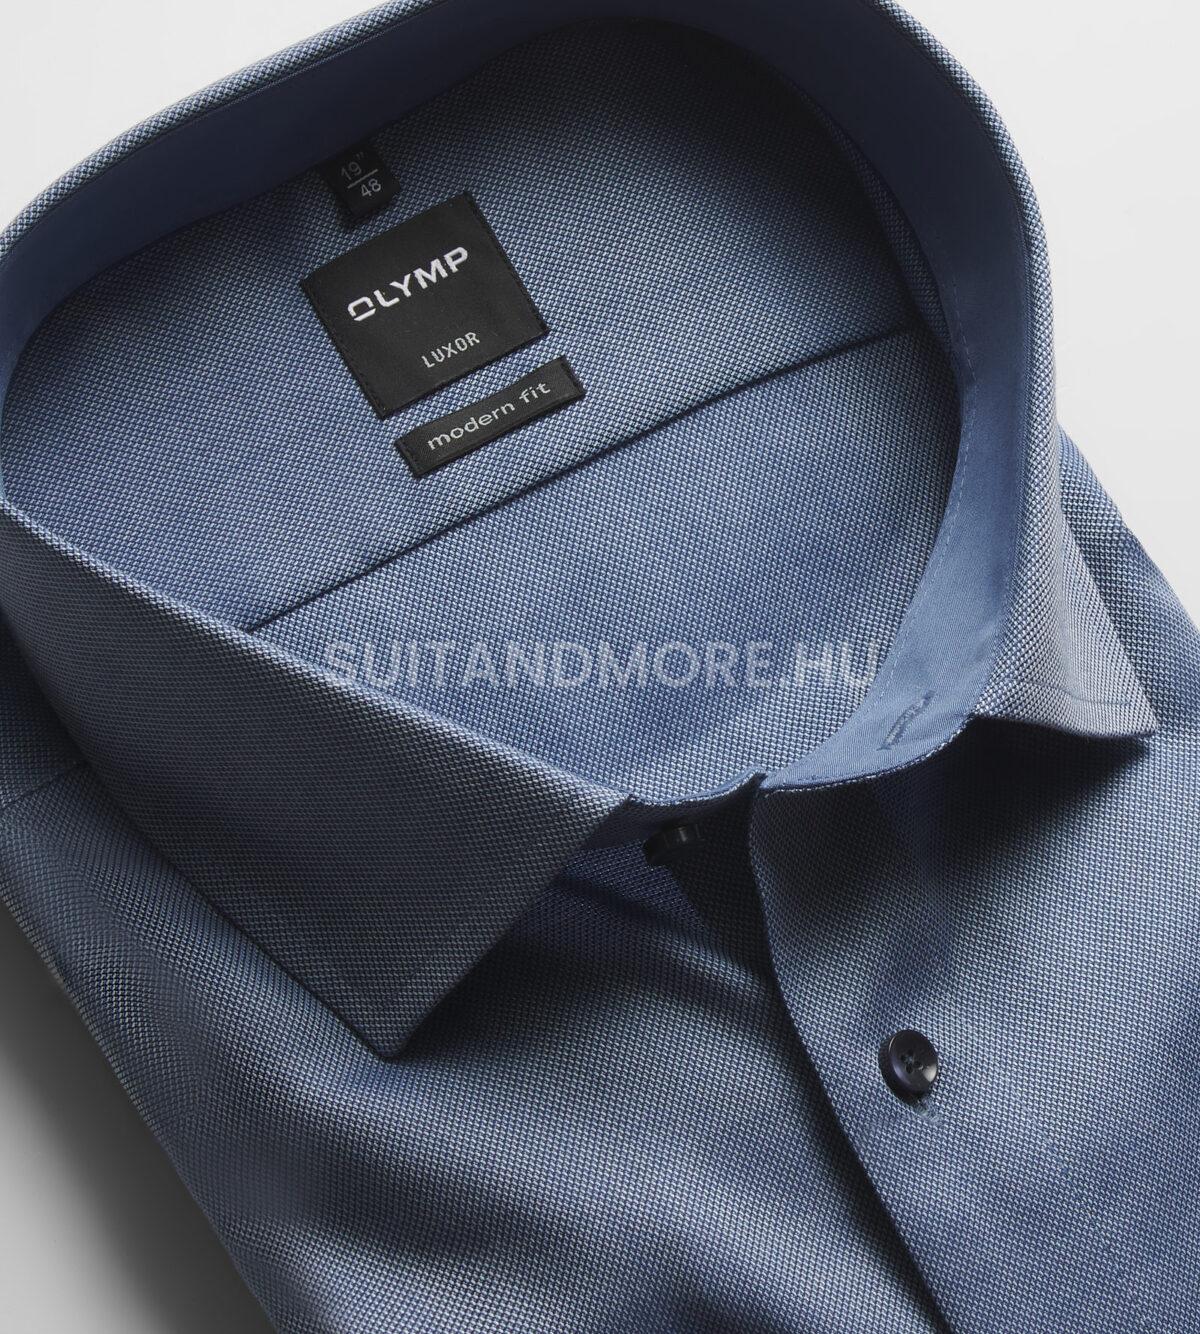 OLYMP-kék-modern-fit-strukturált-vasaláskönnyített-ing-0400-64-18-02